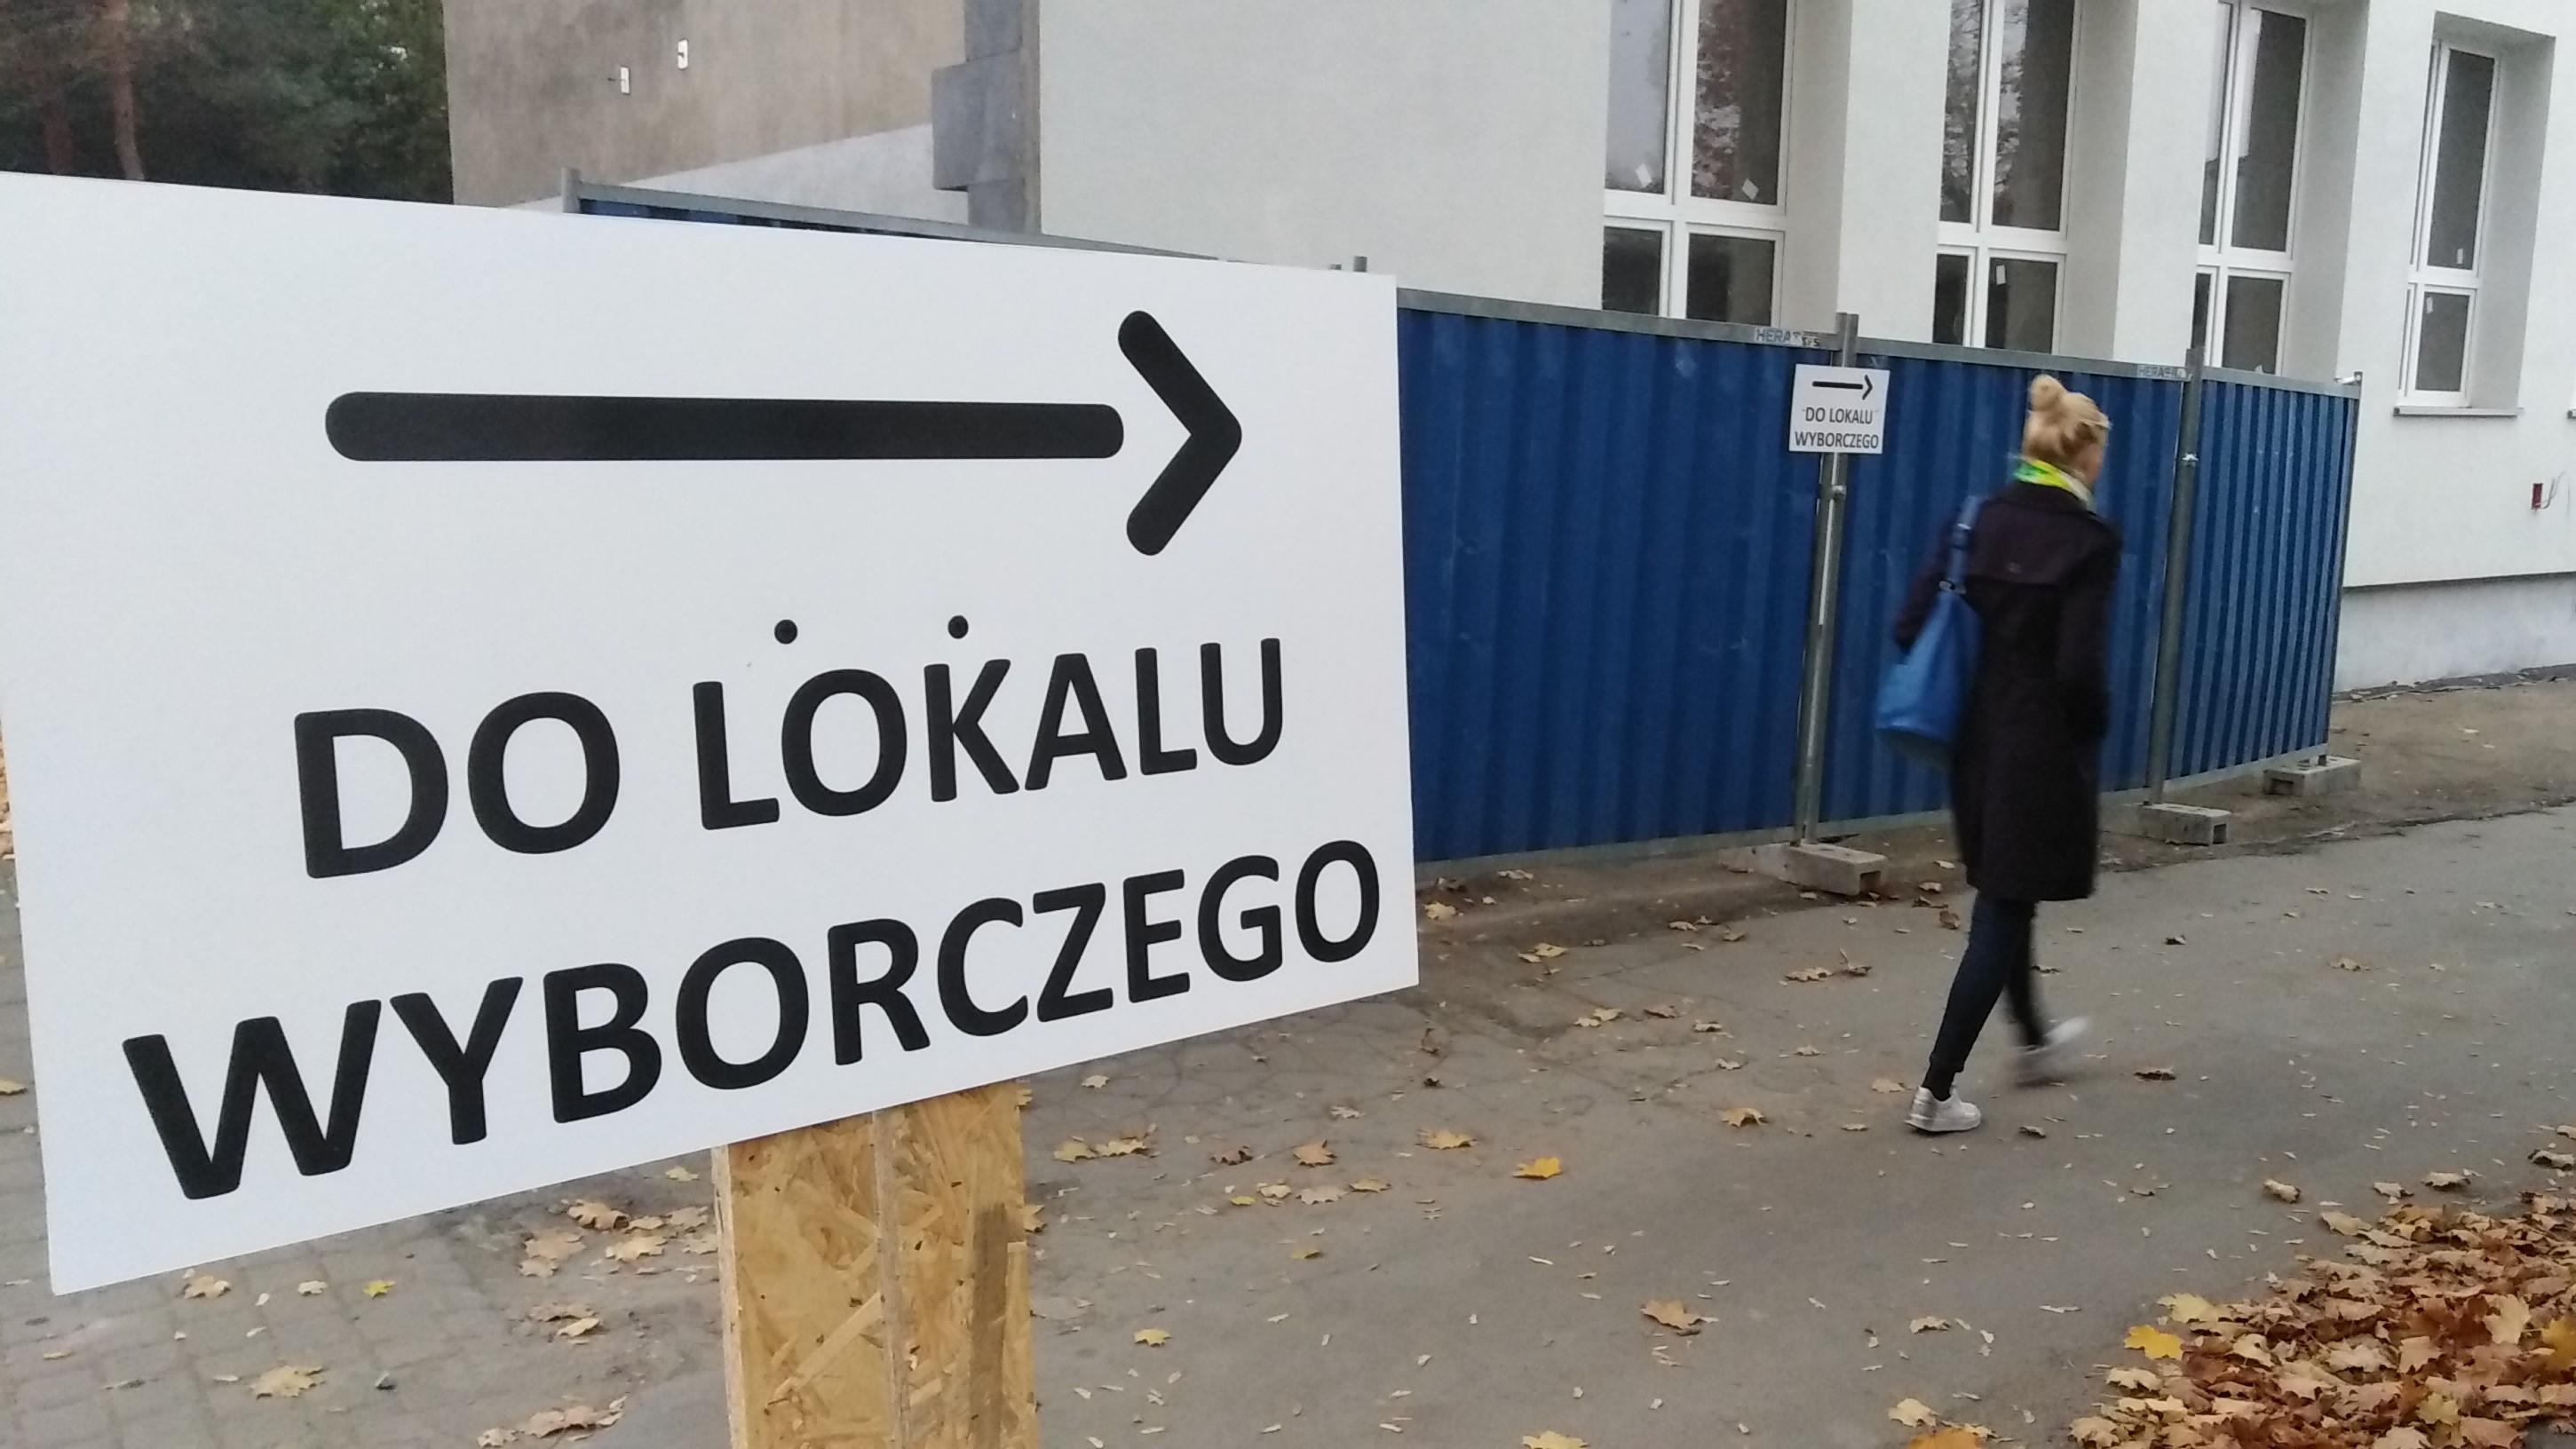 lokal wyborczy poznań łazarz komisja obwodowa 27 - Wojtek Wardejn